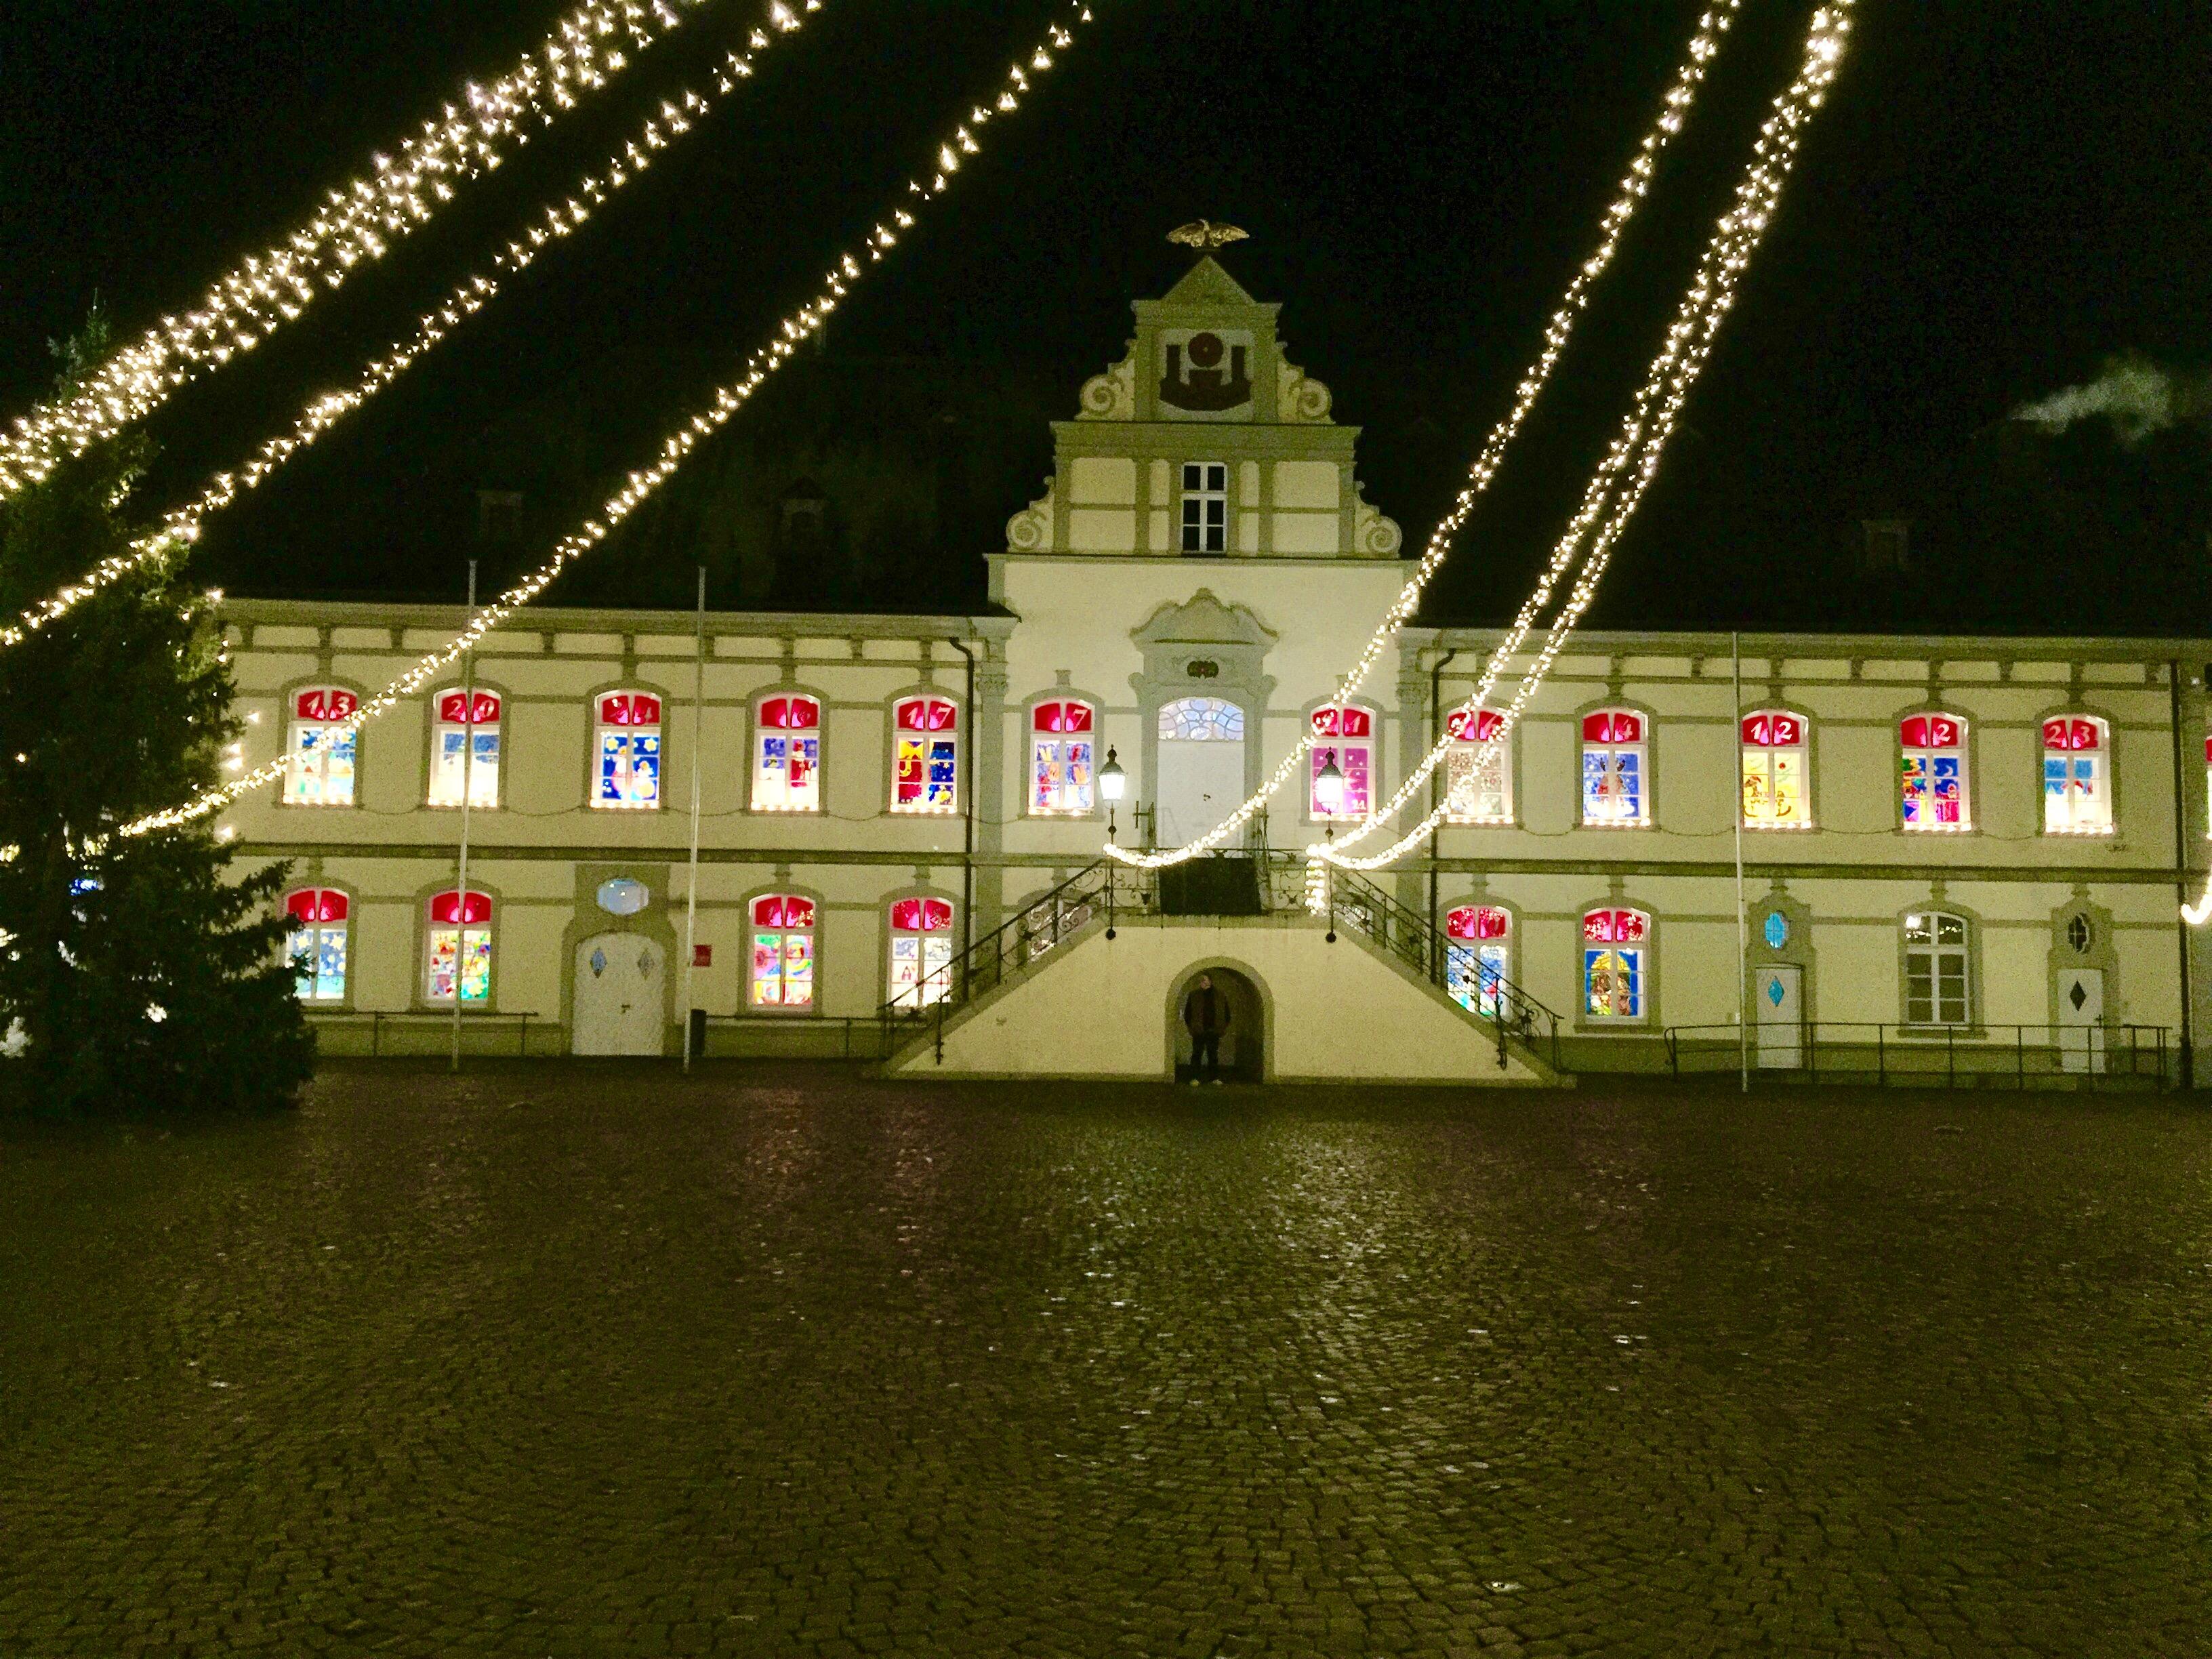 Die als Adventskalender gestalteten Fenster des Rathauses in Lippstadt begeistern zur Weihnachtszeit alles Urlauber.